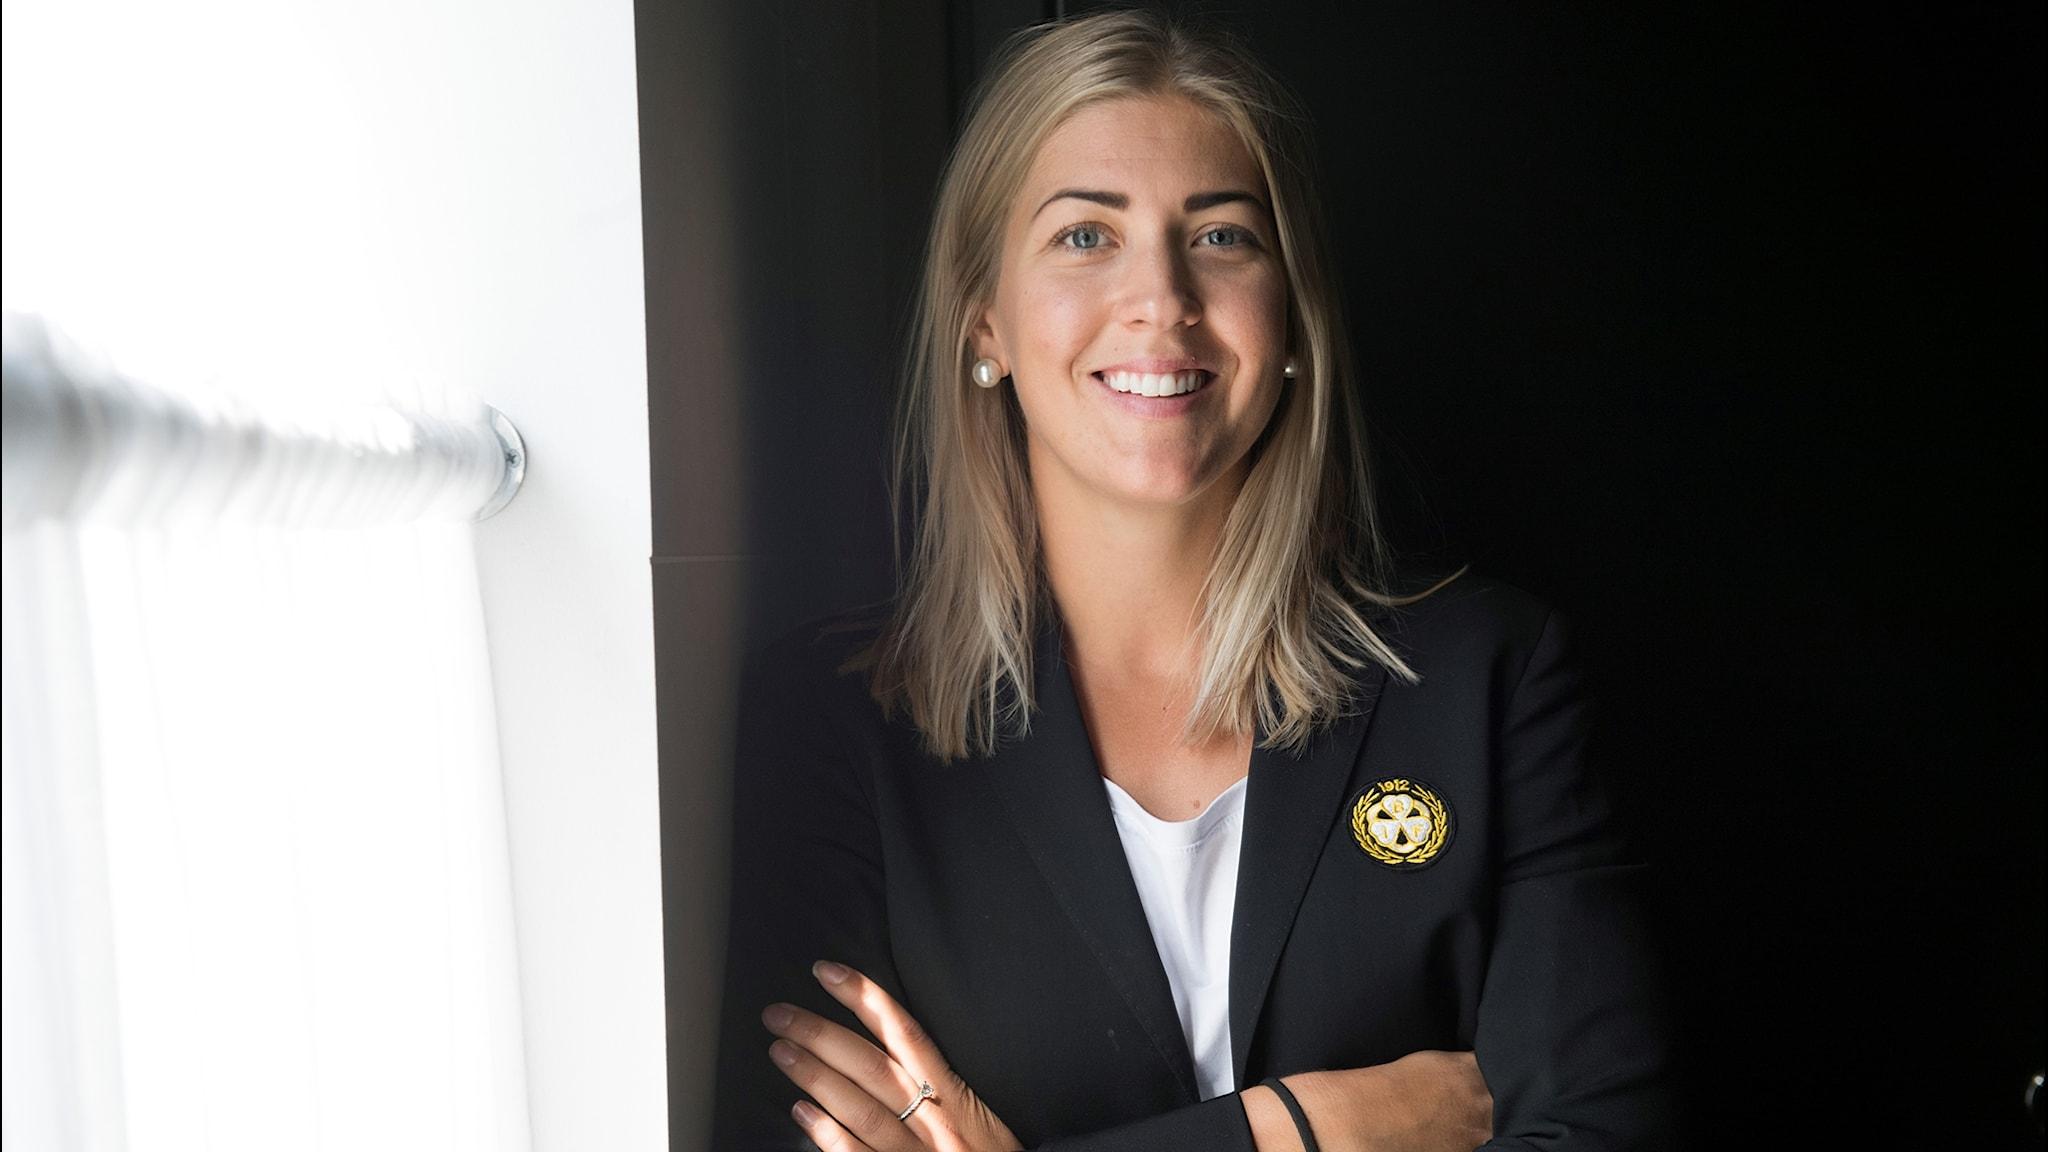 Erika Grahm historisk när hon blir sportchef för Brynäs herrlag